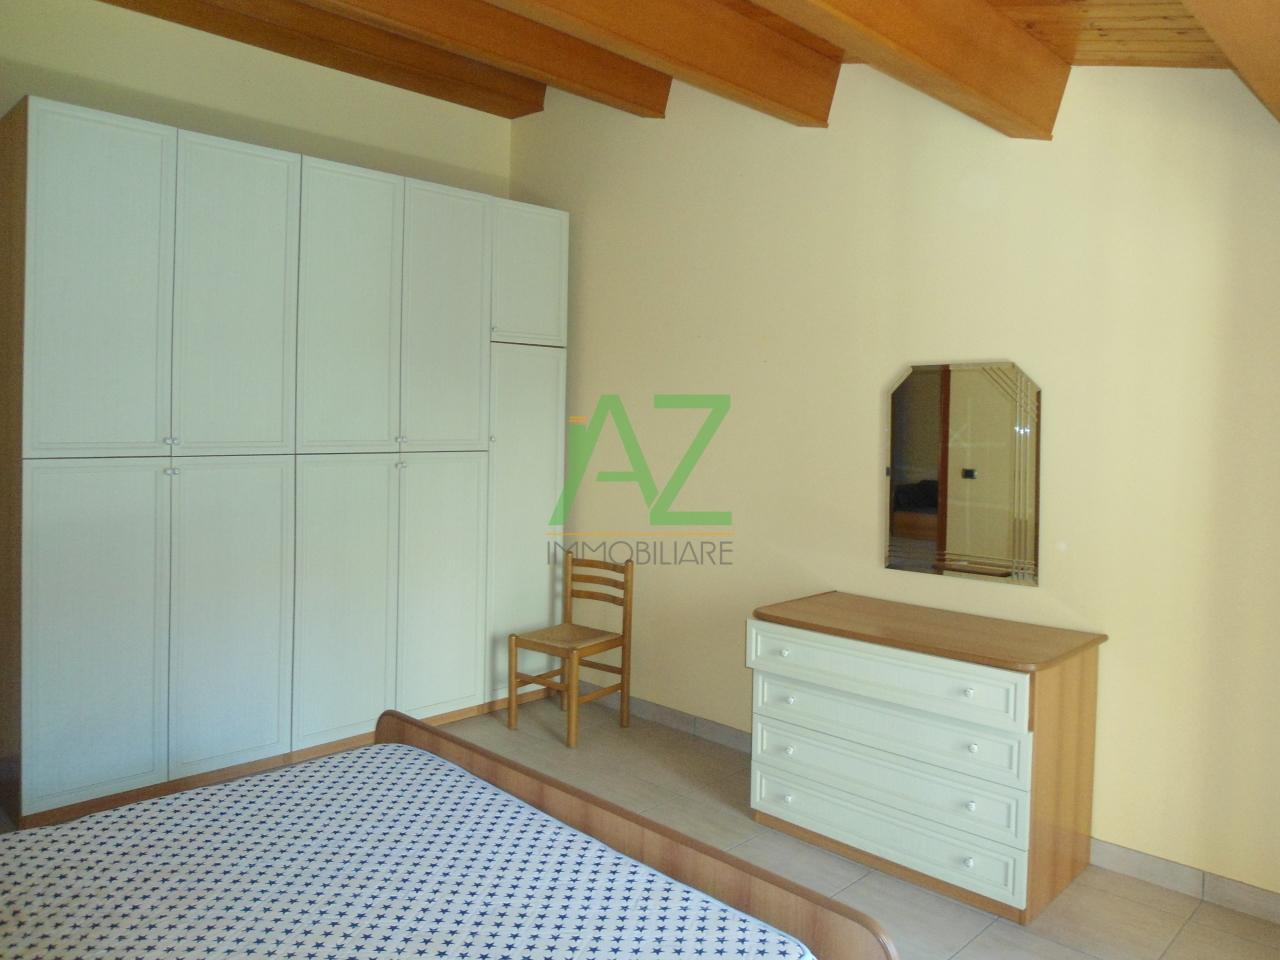 Attico / Mansarda in affitto a Acireale, 3 locali, prezzo € 450 | Cambio Casa.it